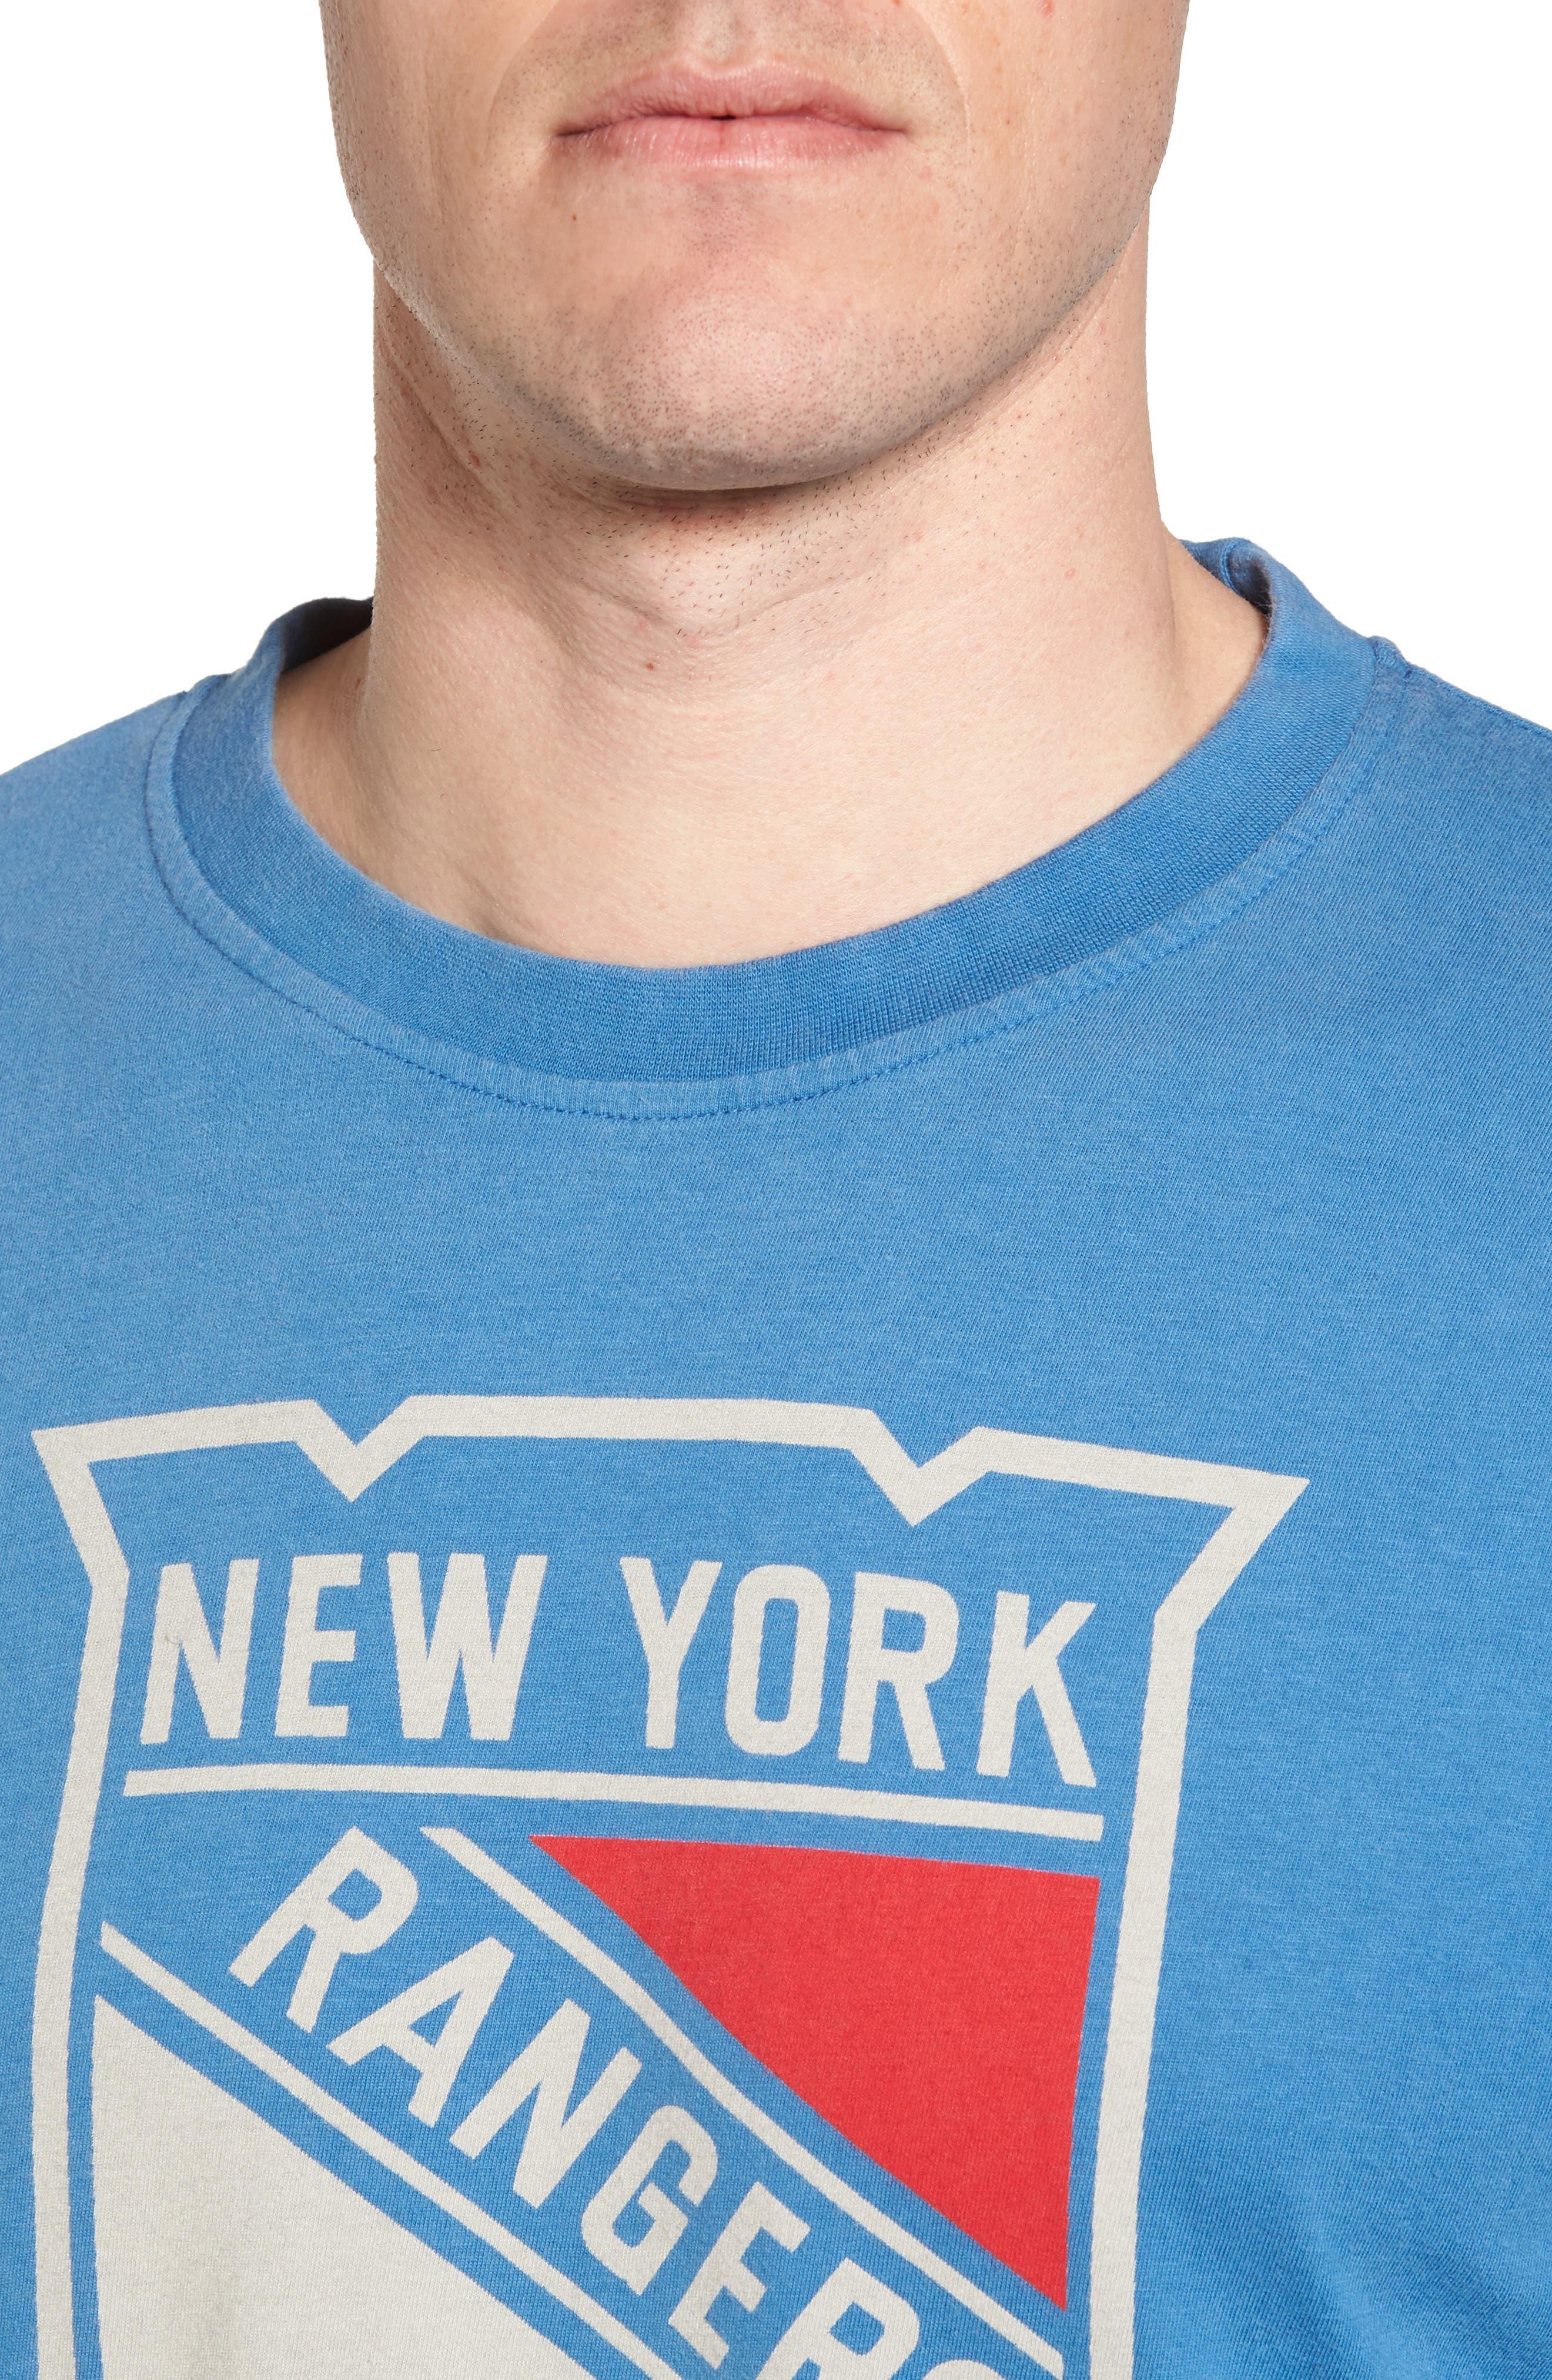 Gresham New York Rangers T-Shirt,                             Alternate thumbnail 4, color,                             450